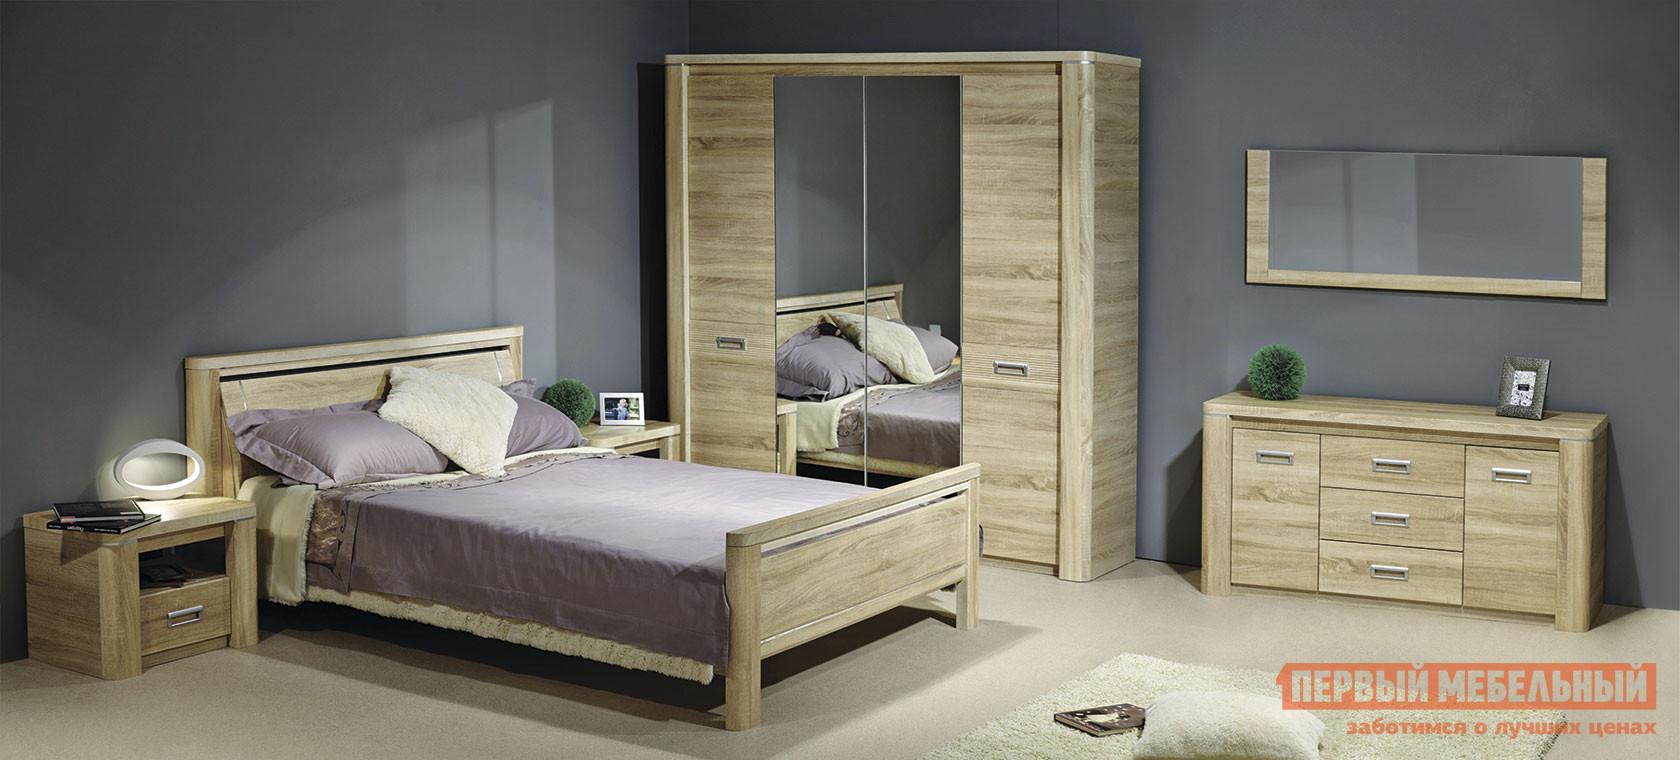 Спальный гарнитур Первый Мебельный Спальня Магнолия